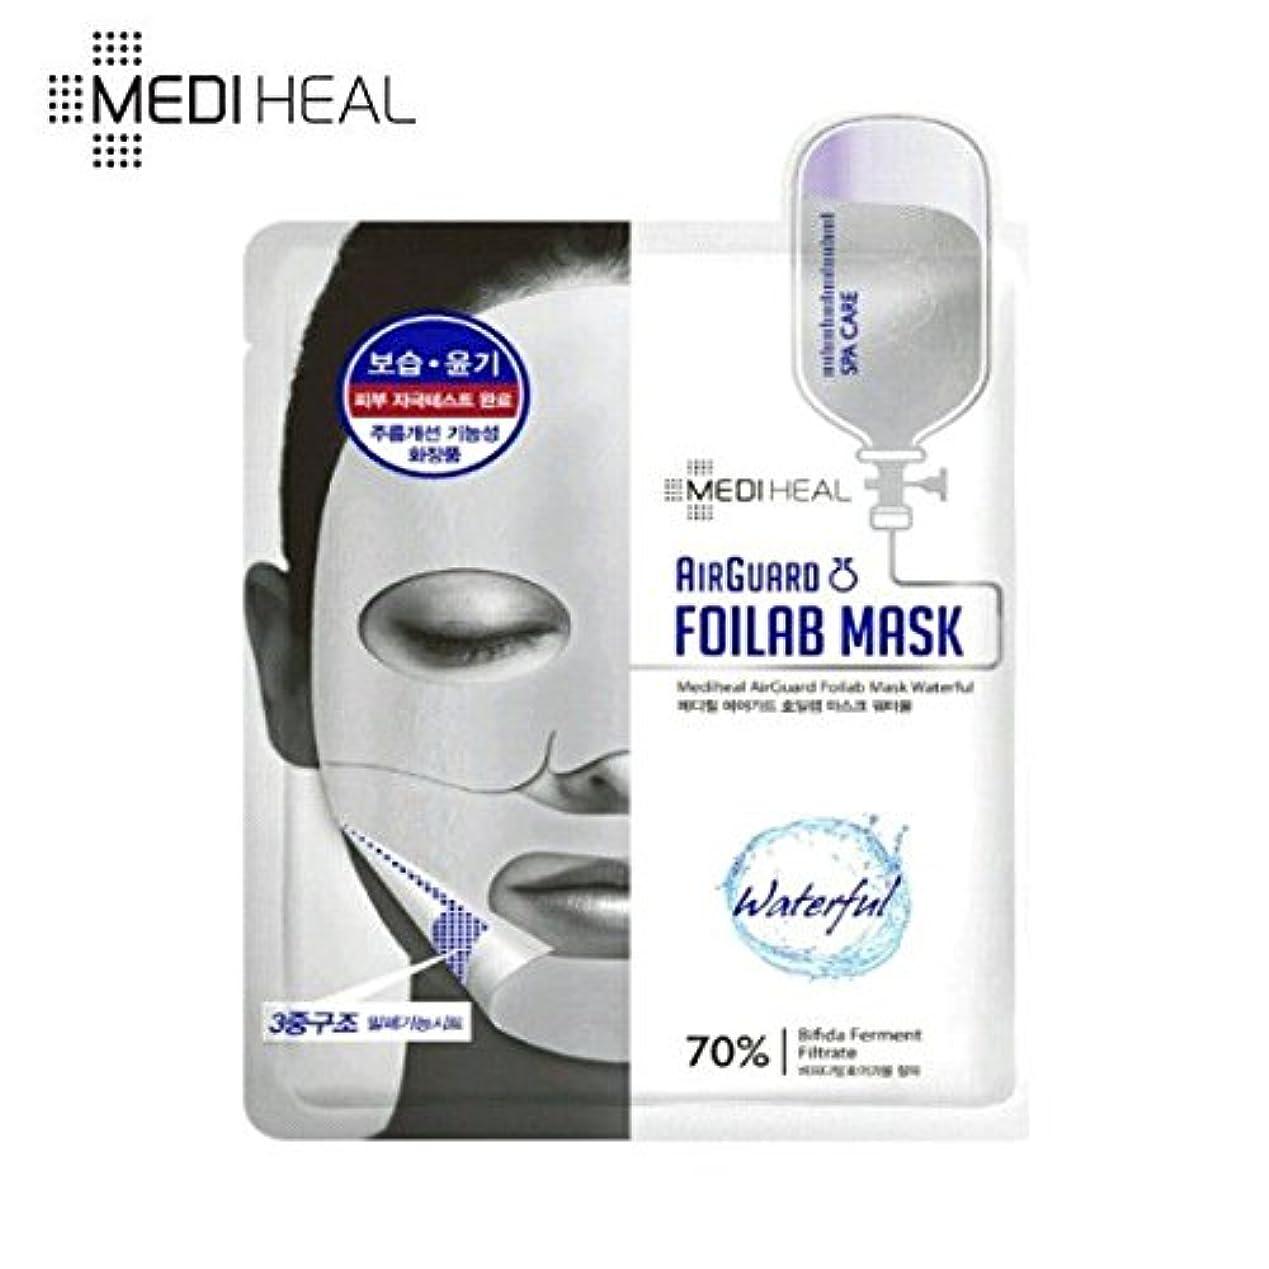 職人吐くキッチンMEDIHEAL/メディヒール/air guard foillab mask waterful/エアーガードフォイルマスク ウォーターフル/韓国/韓国コスメ/保湿/乾燥